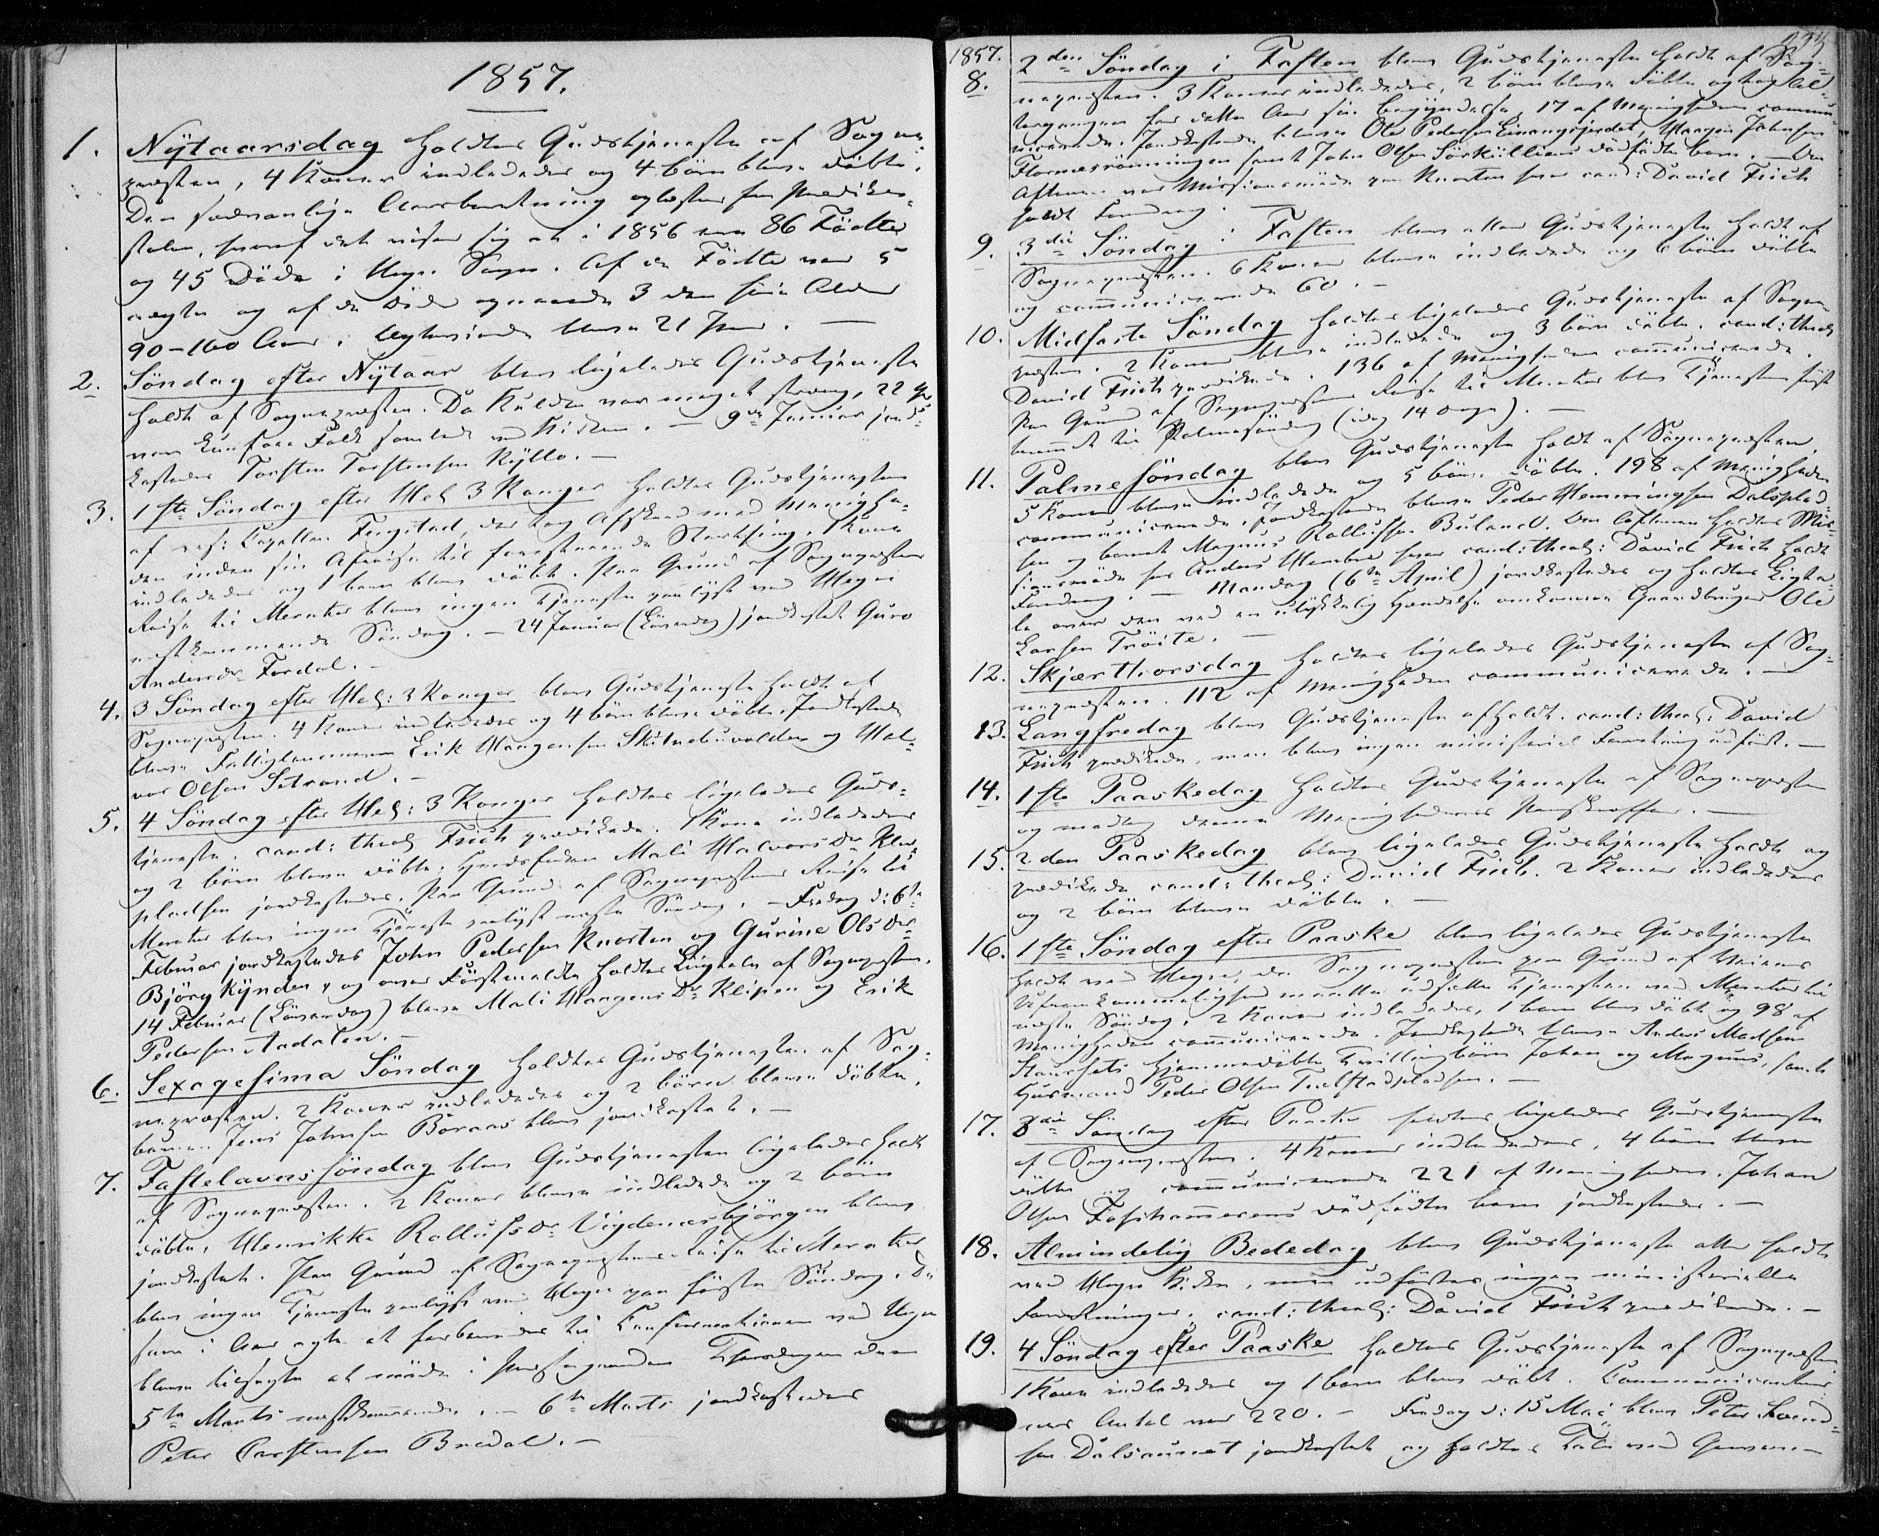 SAT, Ministerialprotokoller, klokkerbøker og fødselsregistre - Nord-Trøndelag, 703/L0028: Ministerialbok nr. 703A01, 1850-1862, s. 223